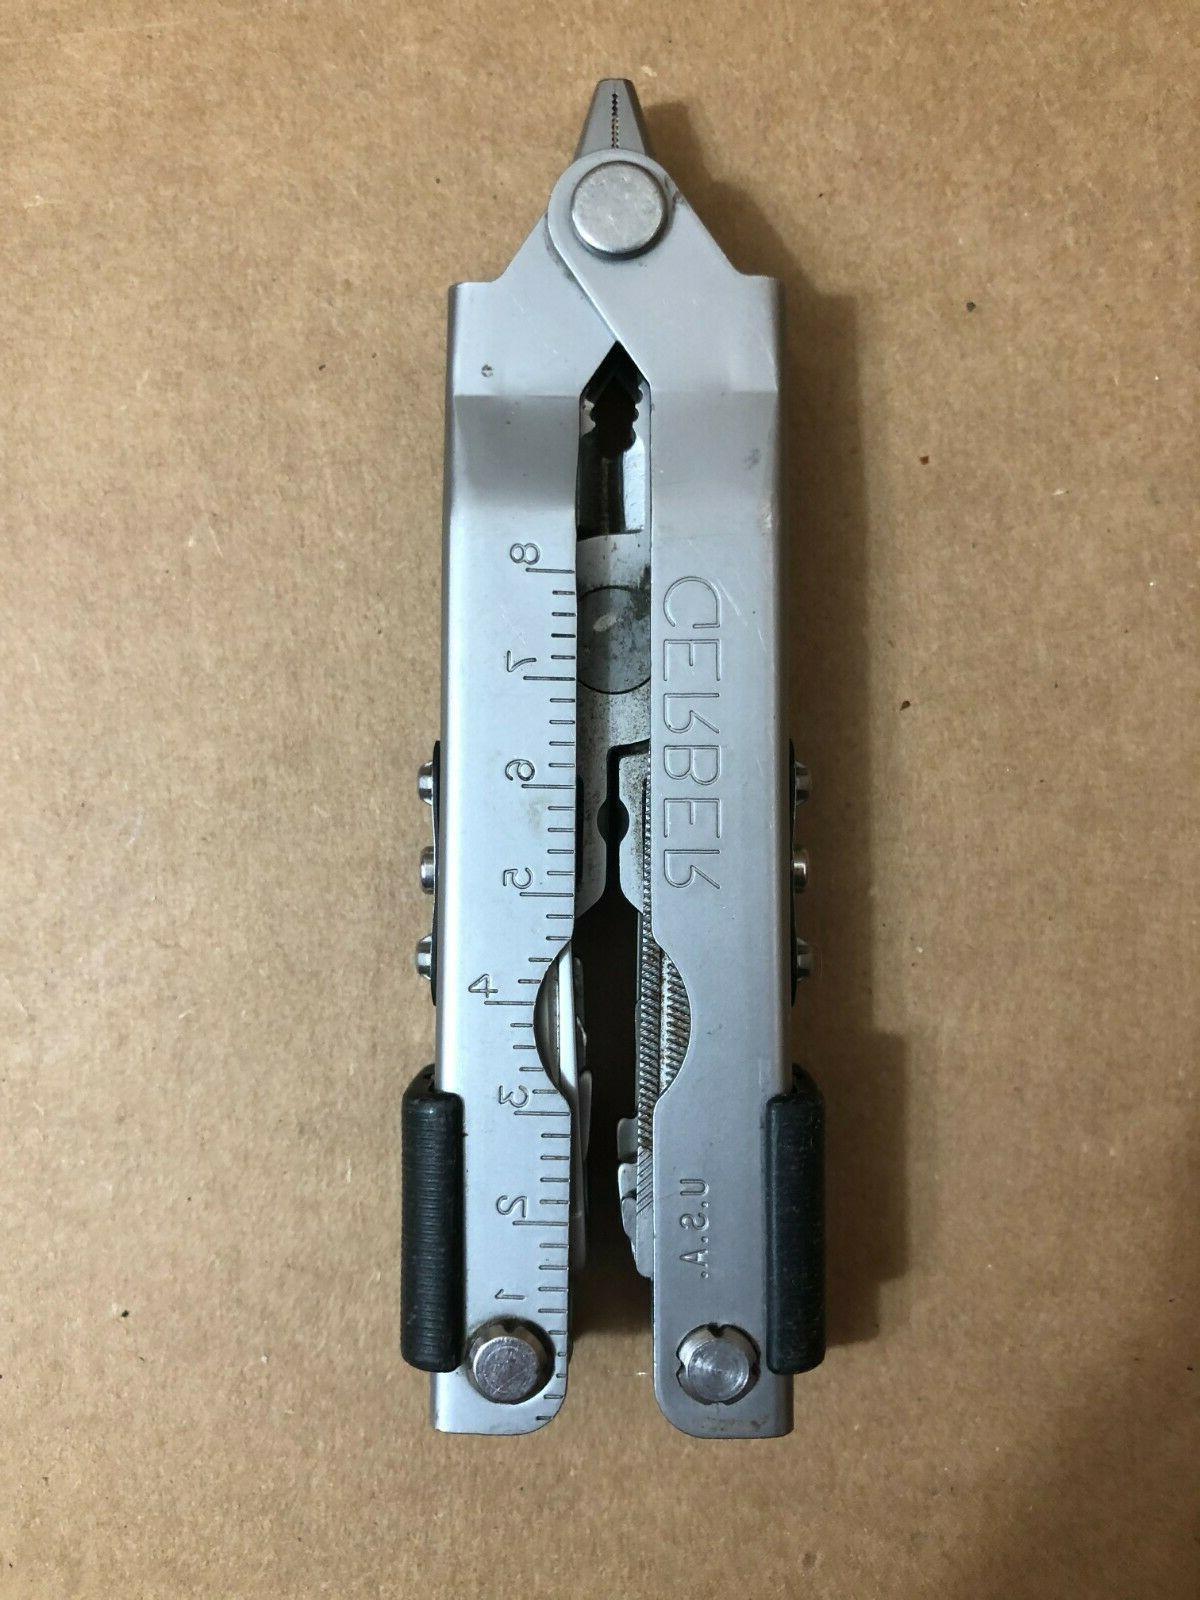 Gerber MP600 Basic 9 + Nose *